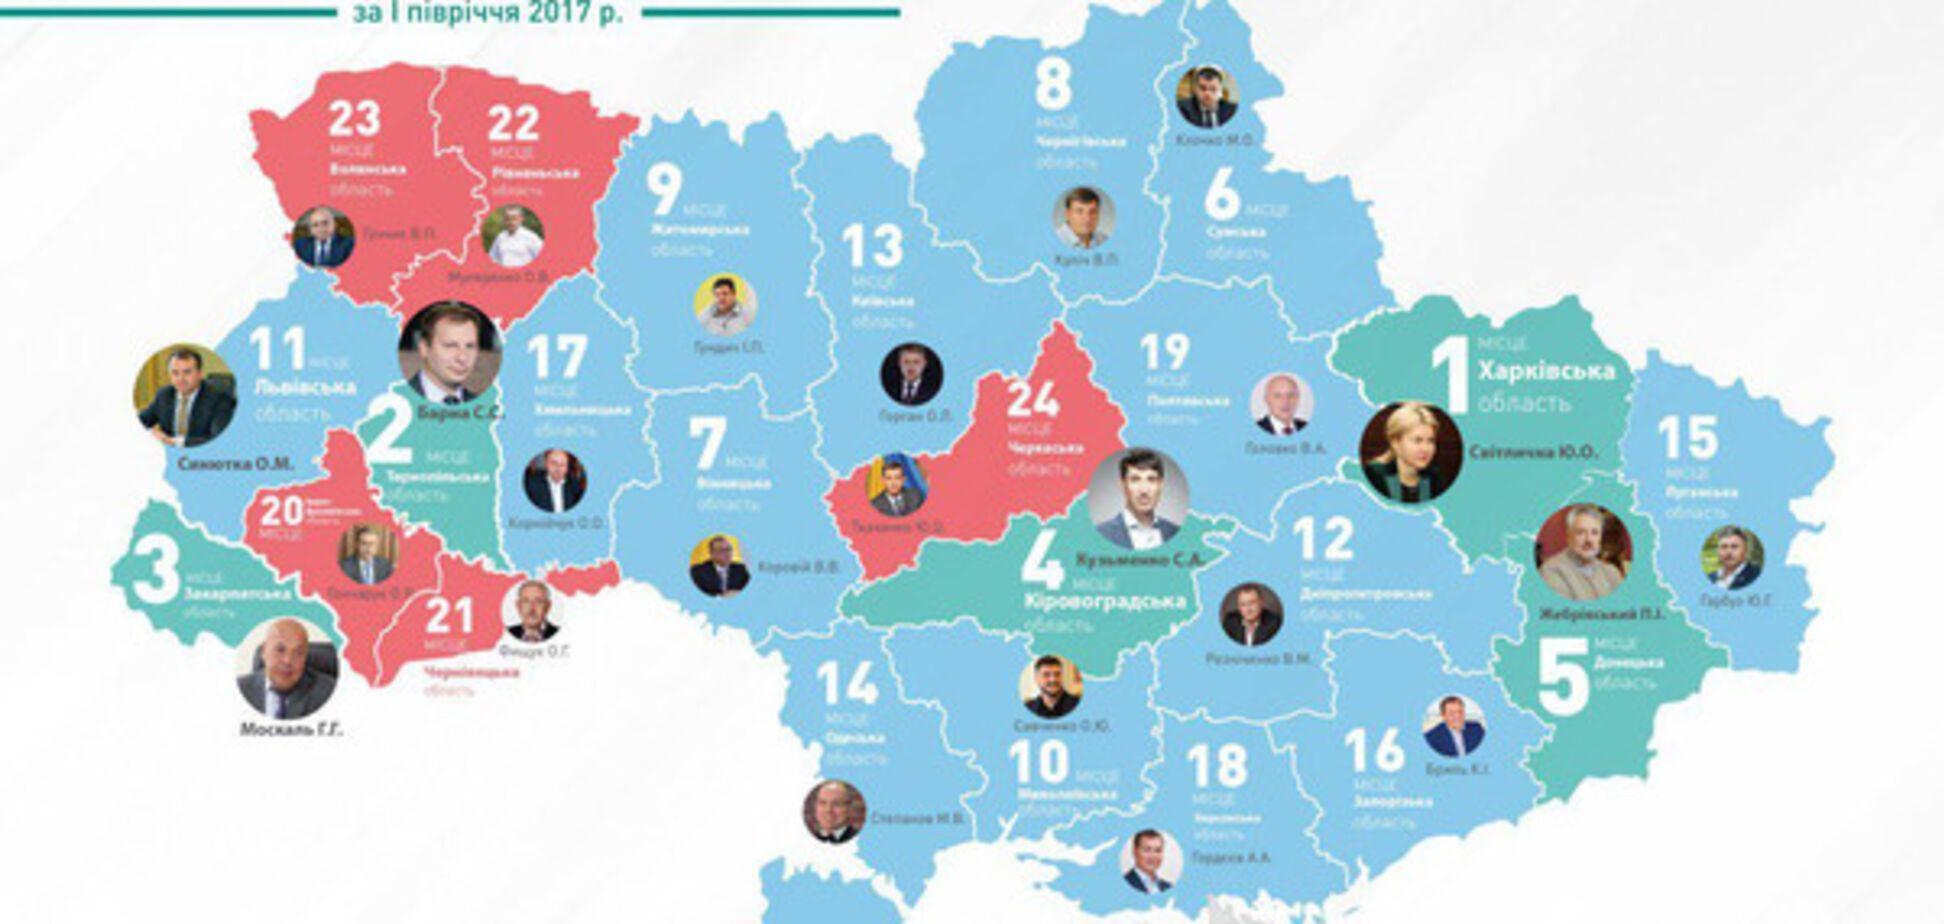 В рейтинге глав ОГА лидерство сохраняет единственная женщина-губернатор Юлия Светличная – КИУ